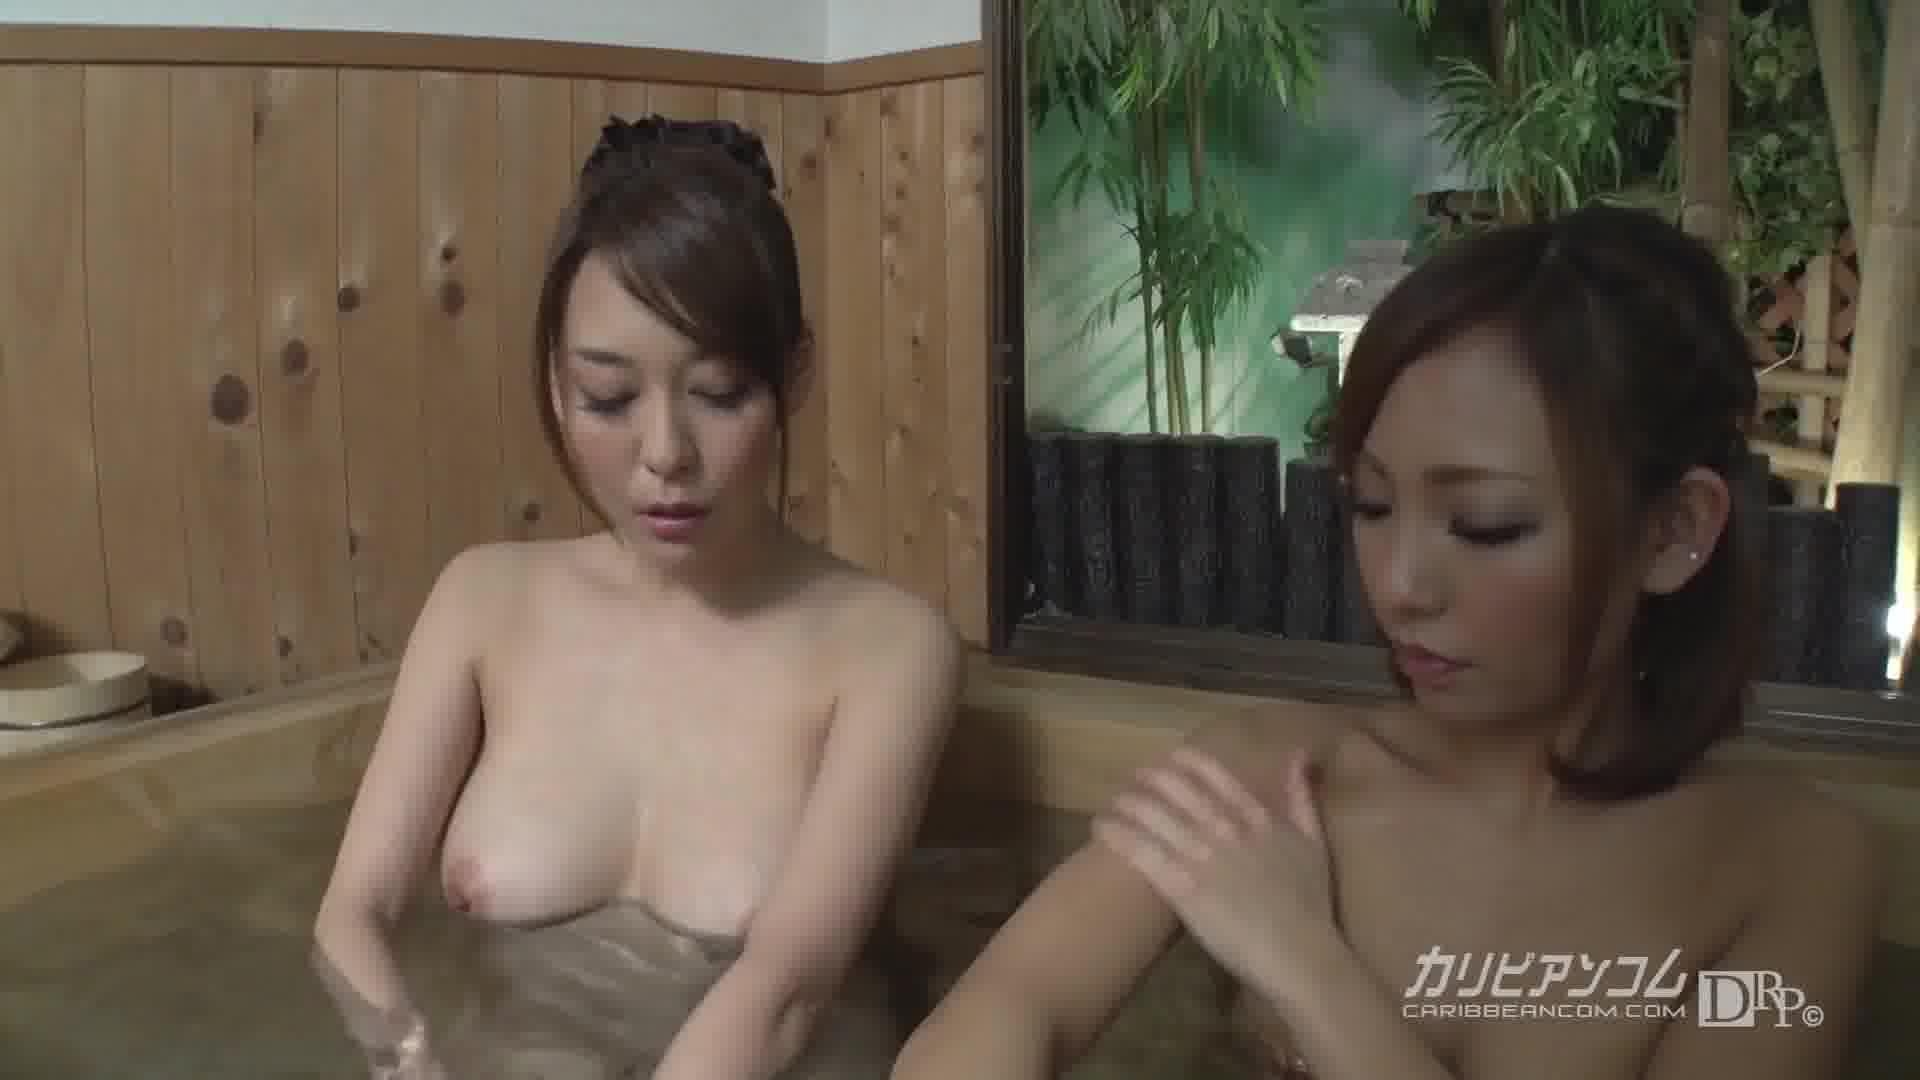 秘湯乱交浪漫 ~巨乳痴女の性交めぐり~ - HIKARI【痴女・乱交・浴衣】